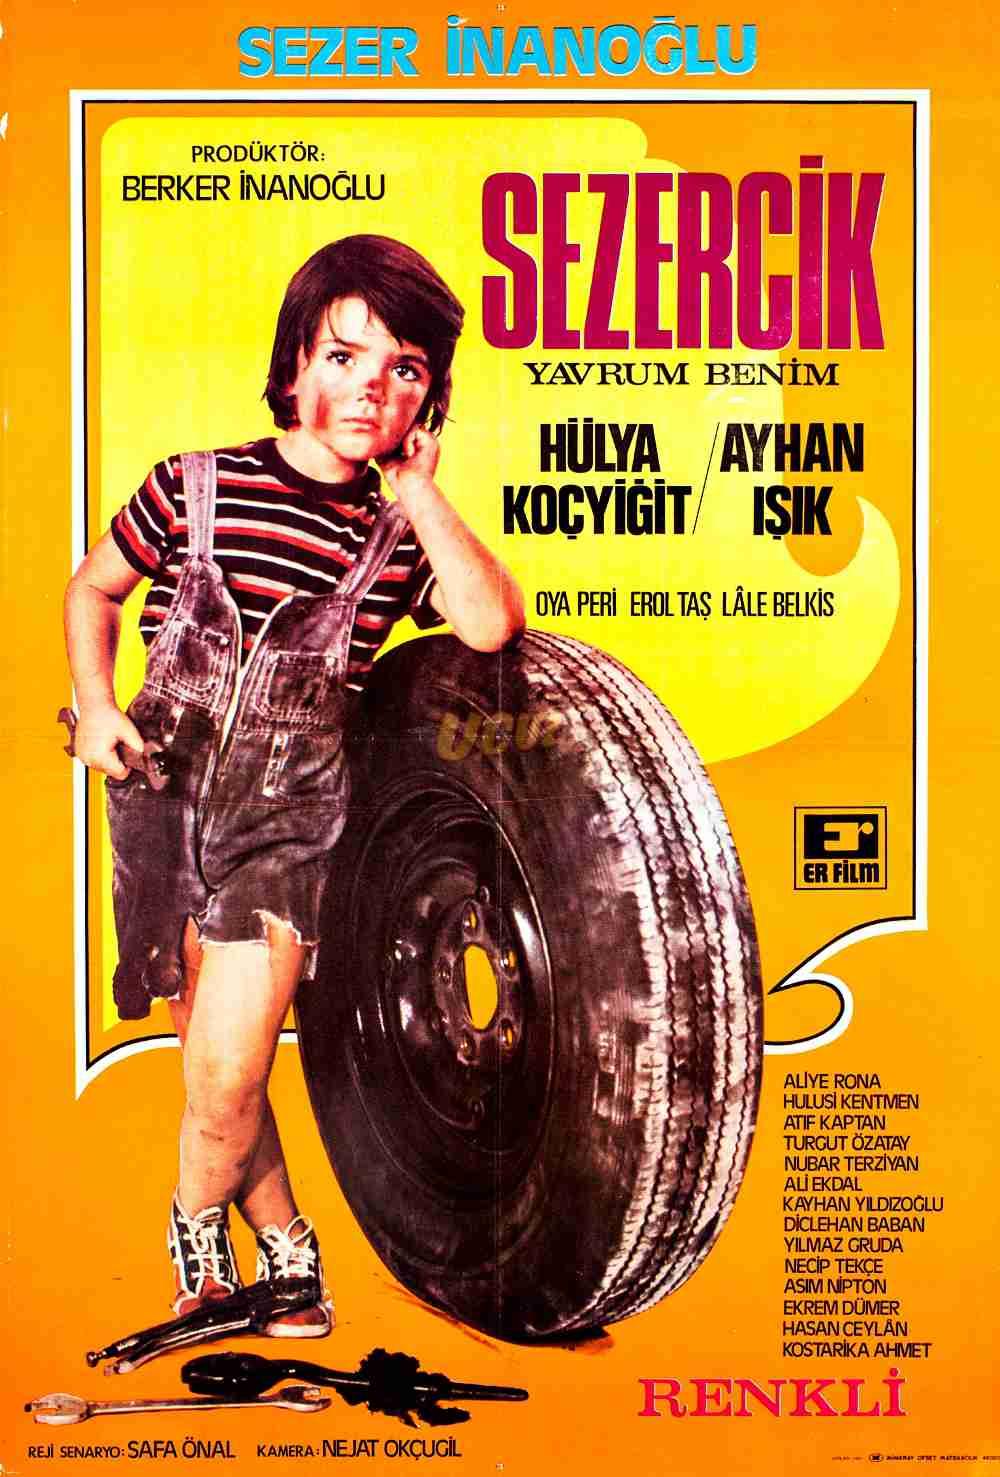 sezercik_yavrum_benim_1971